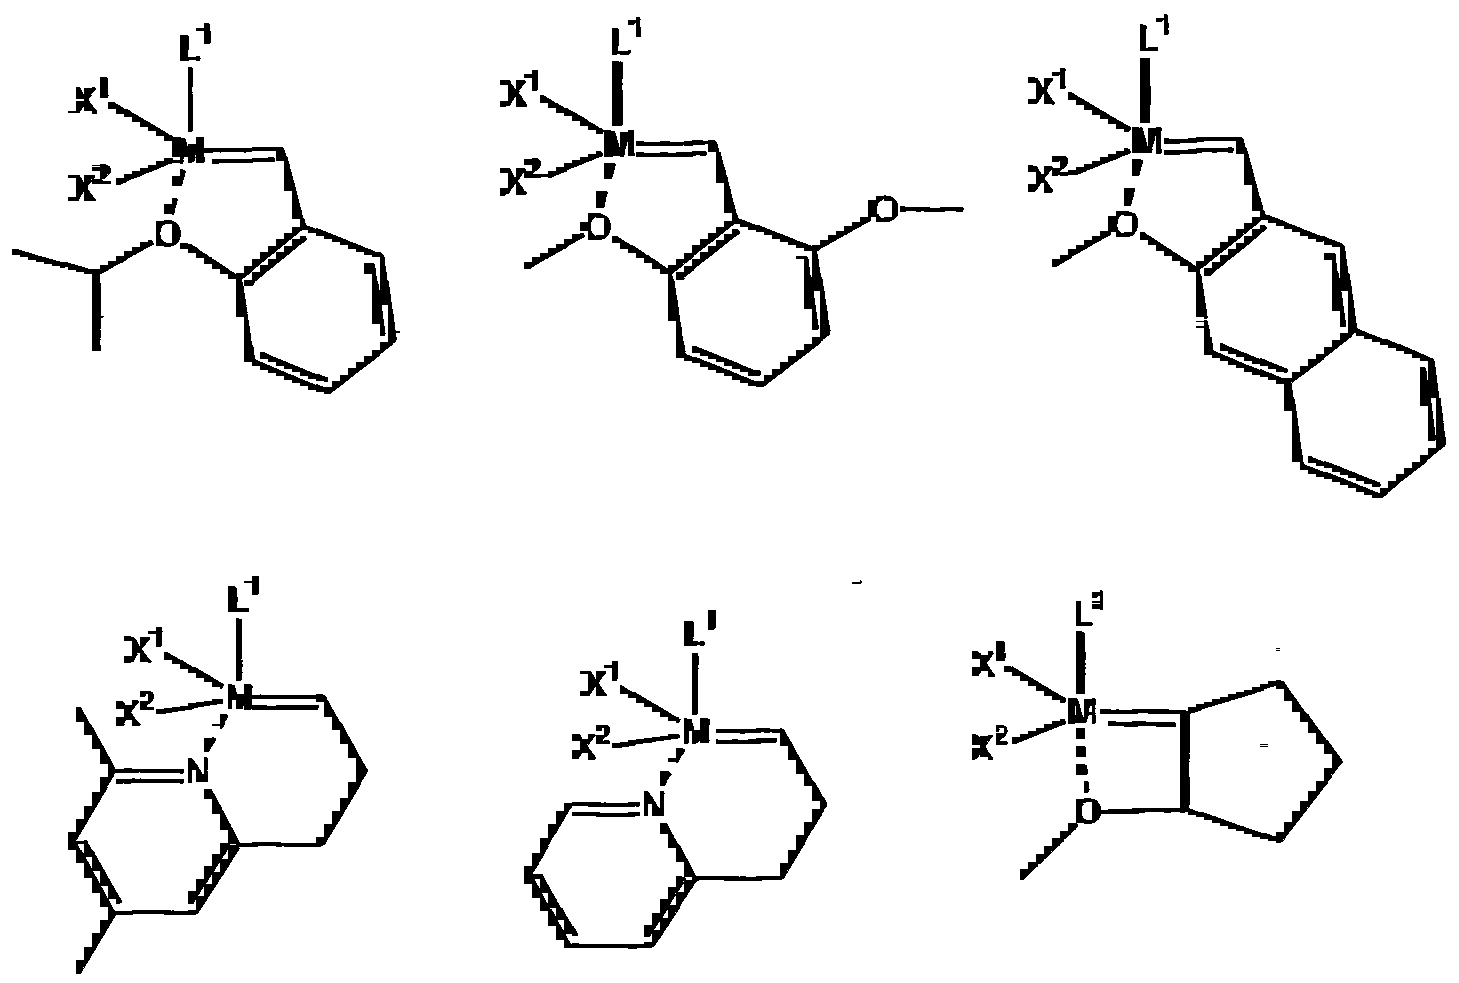 Ch3 Lewis Struc... (ch3) 2s Lewis Structure